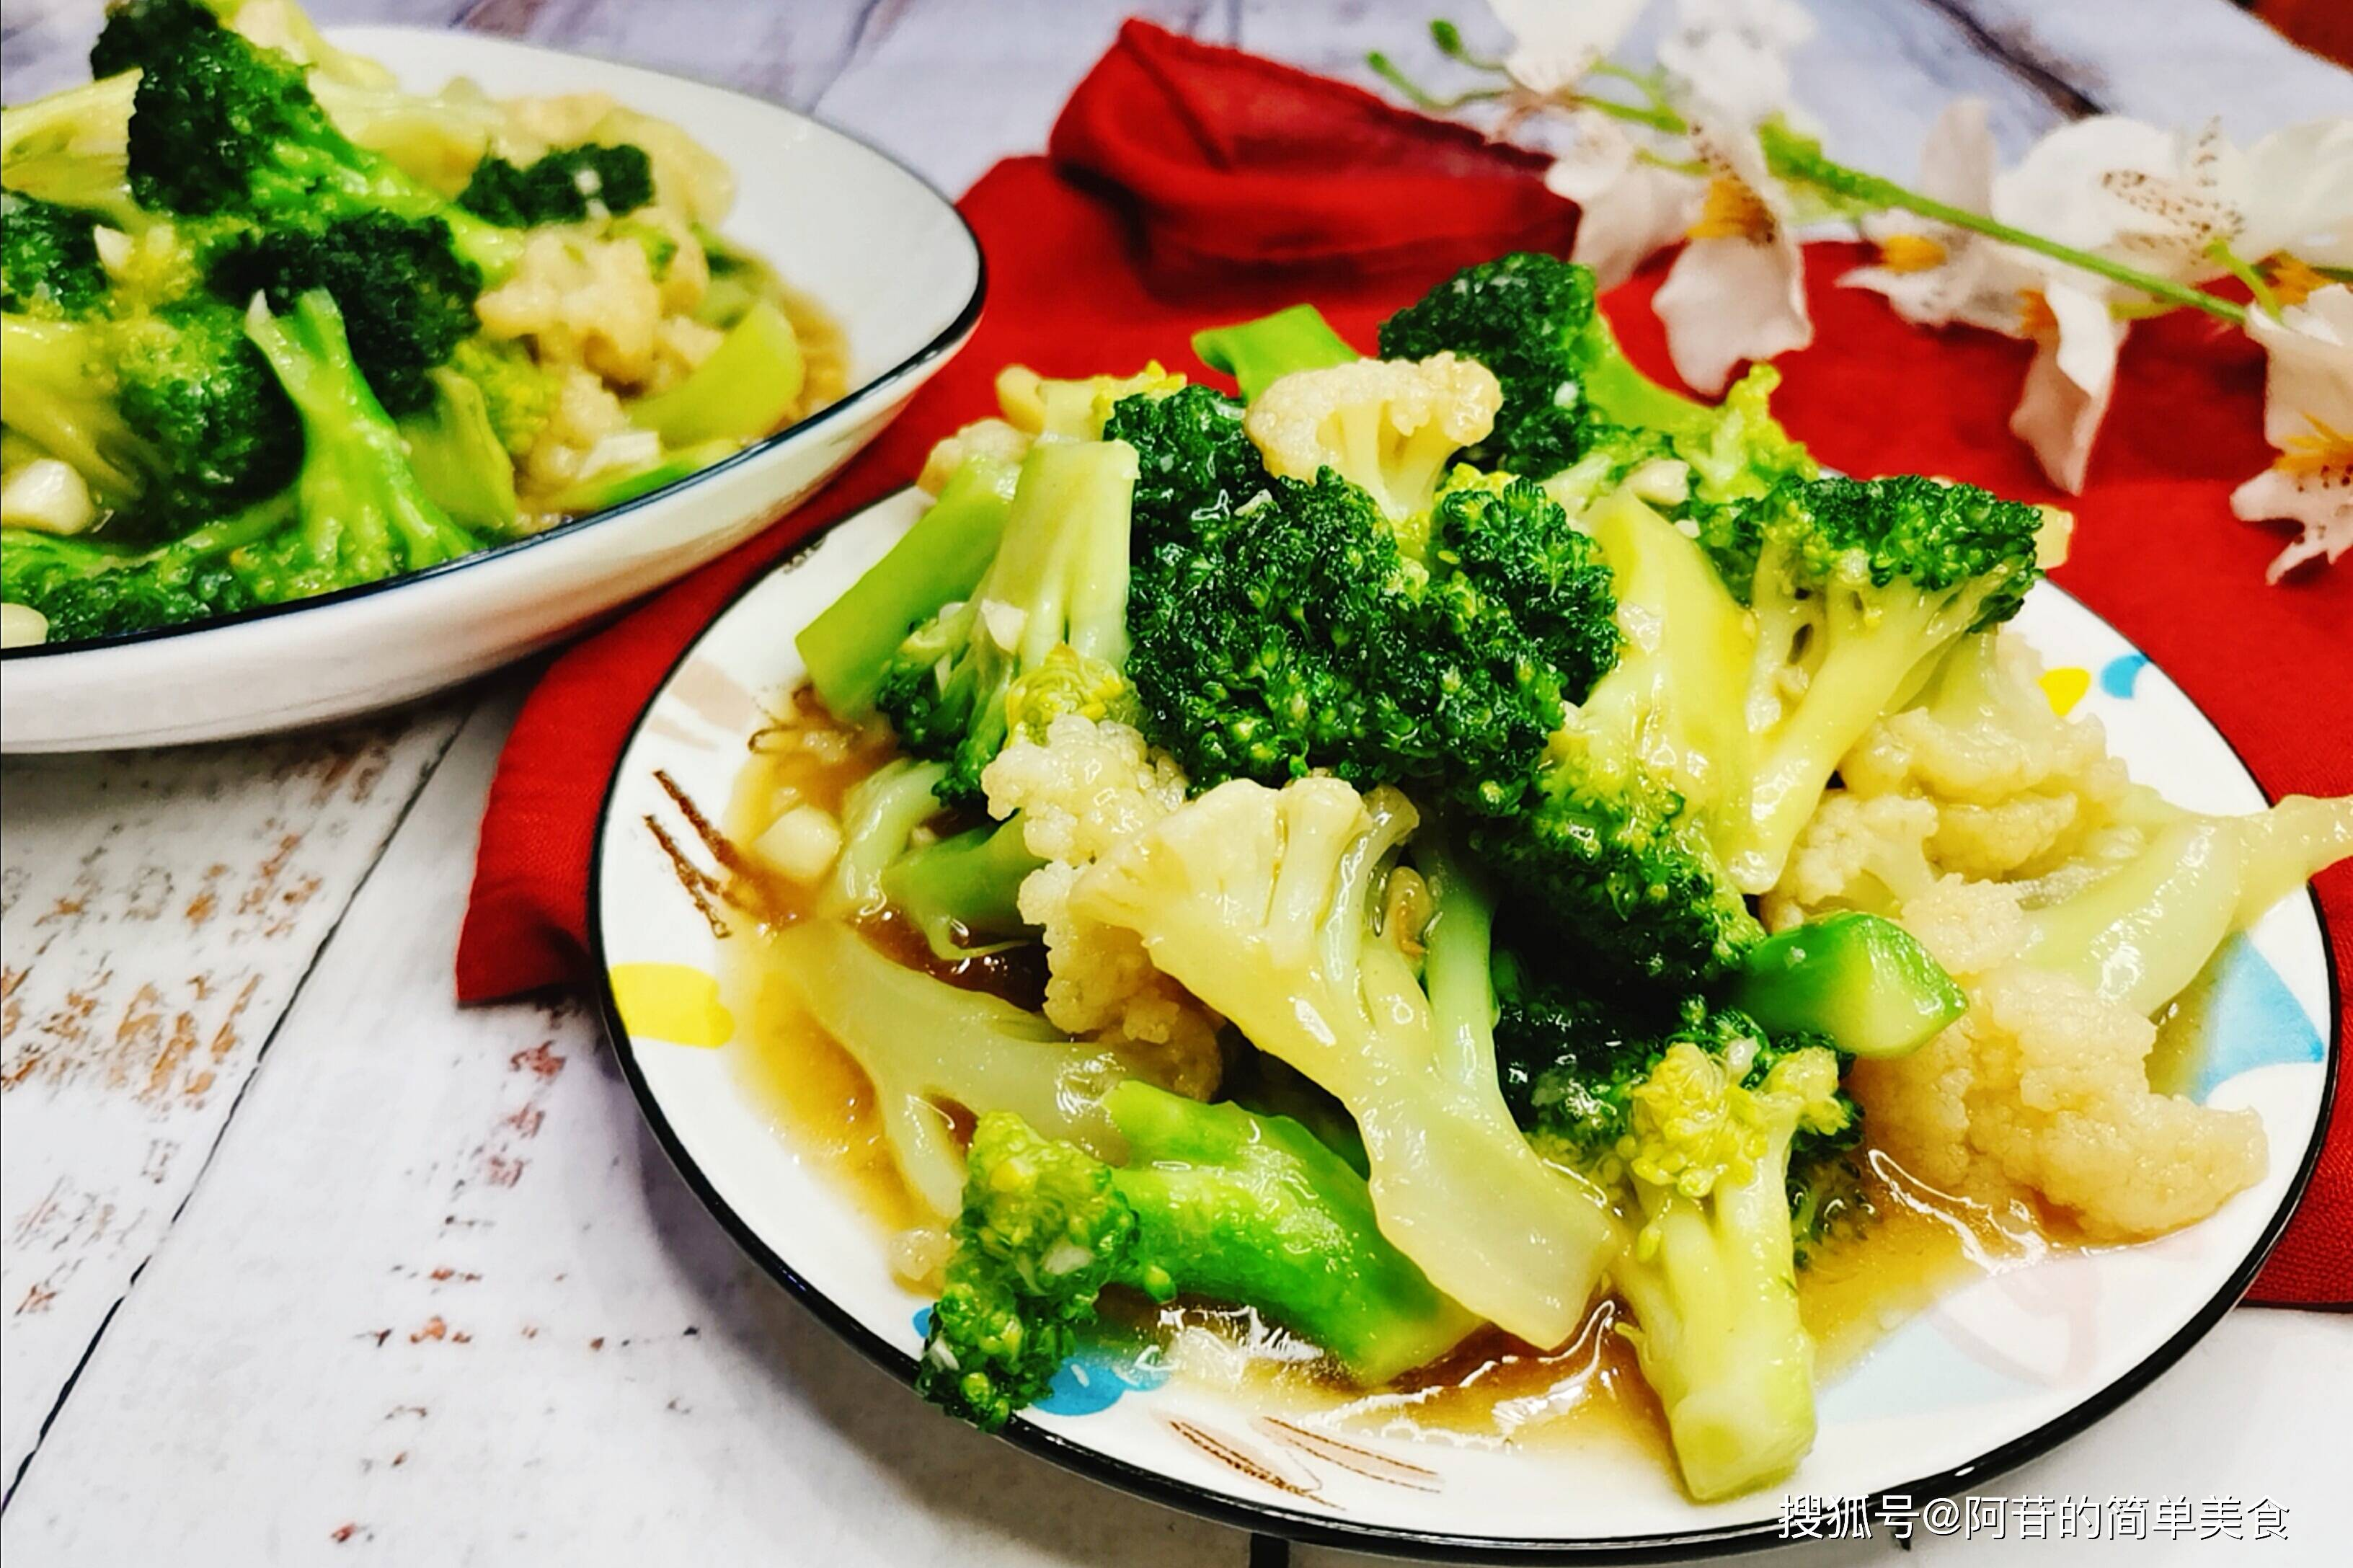 有机花椰菜和西兰花 适合一白一绿 简单